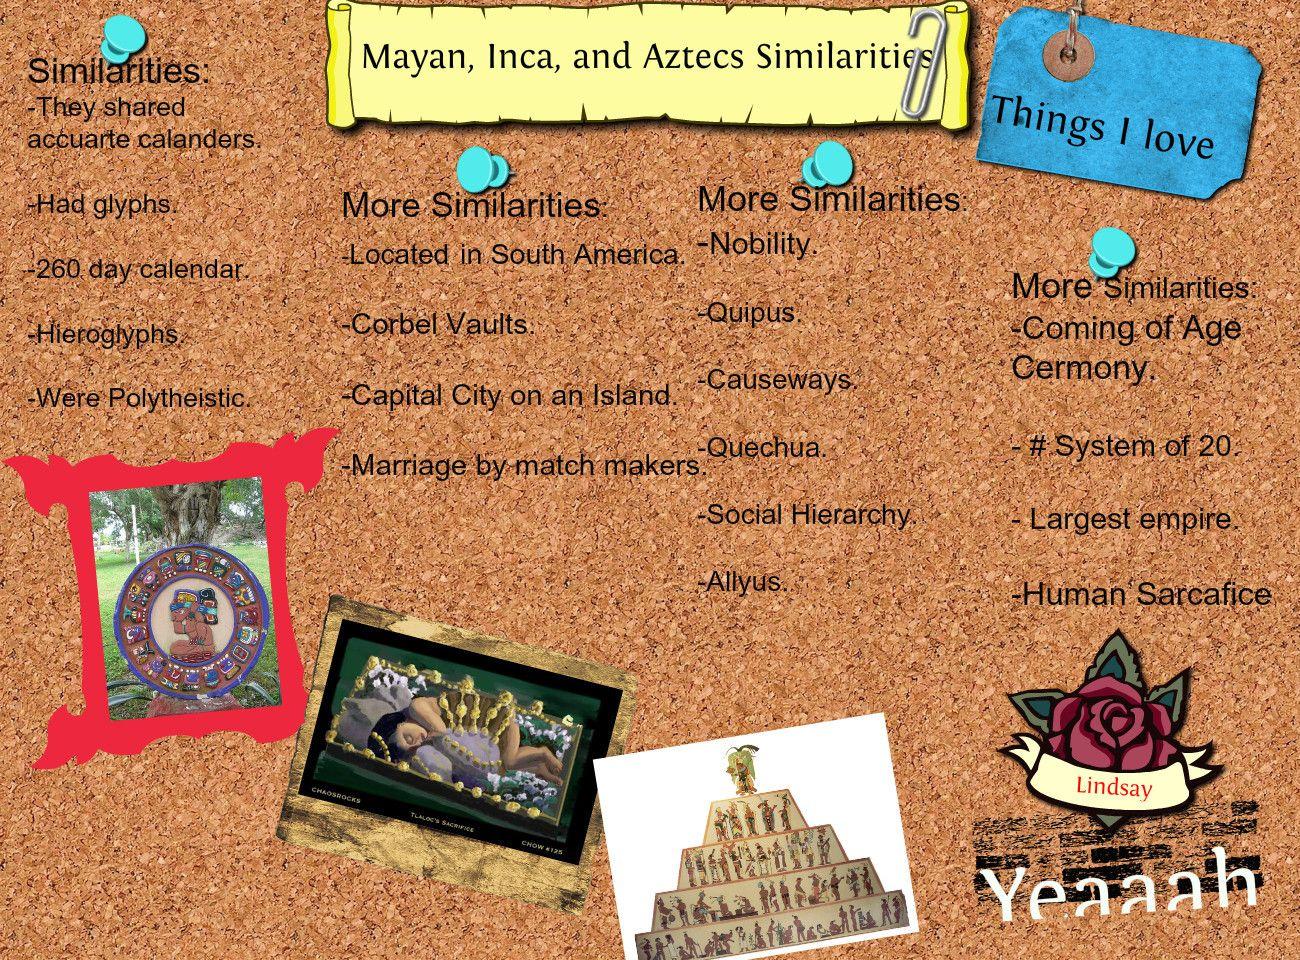 Mayan Inca Aztec Similarities With Images